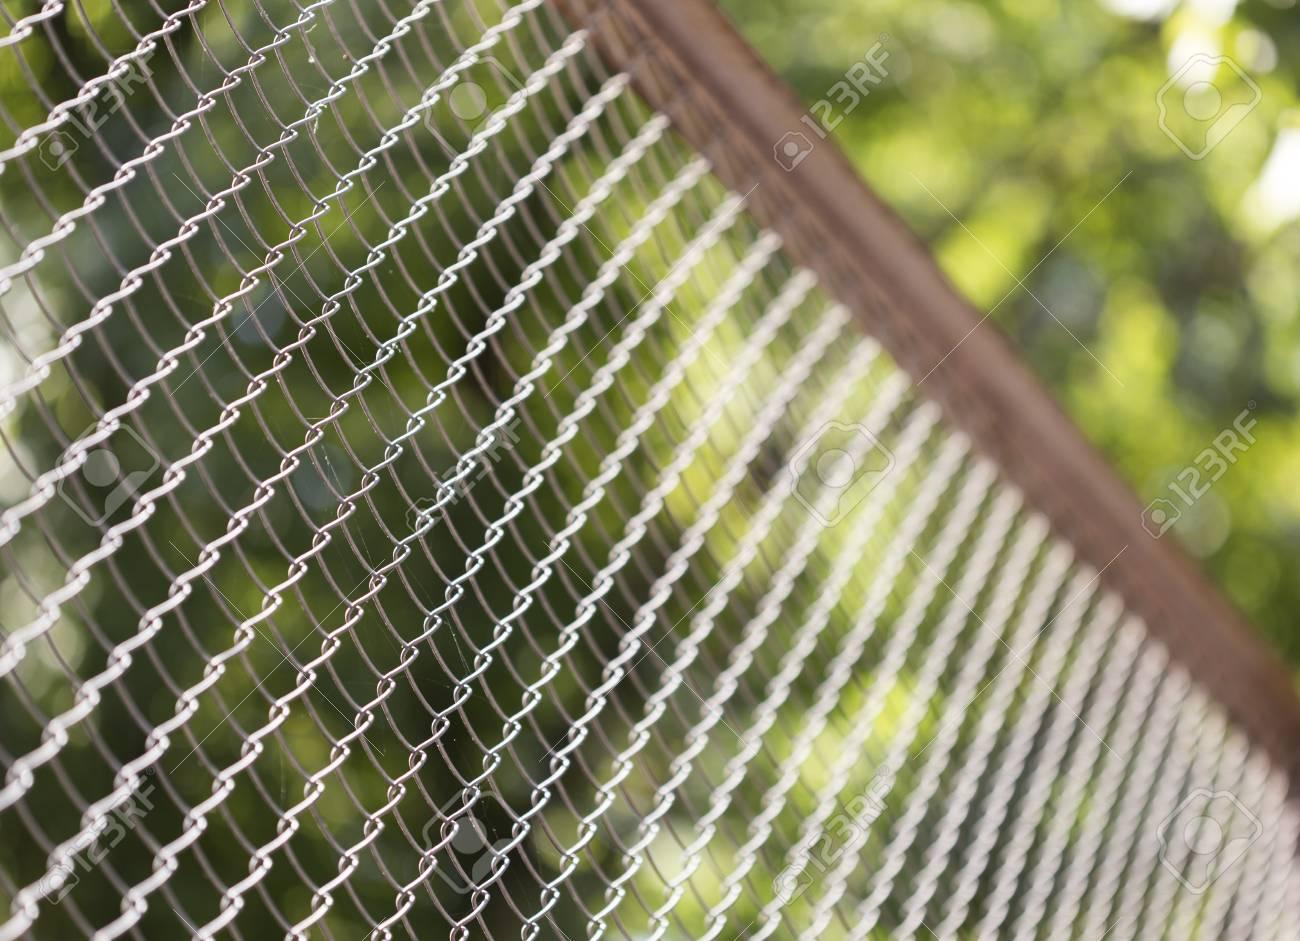 Gruner Draht Zaun Auf Den Hintergrund Von Grunen Baumen Lizenzfreie